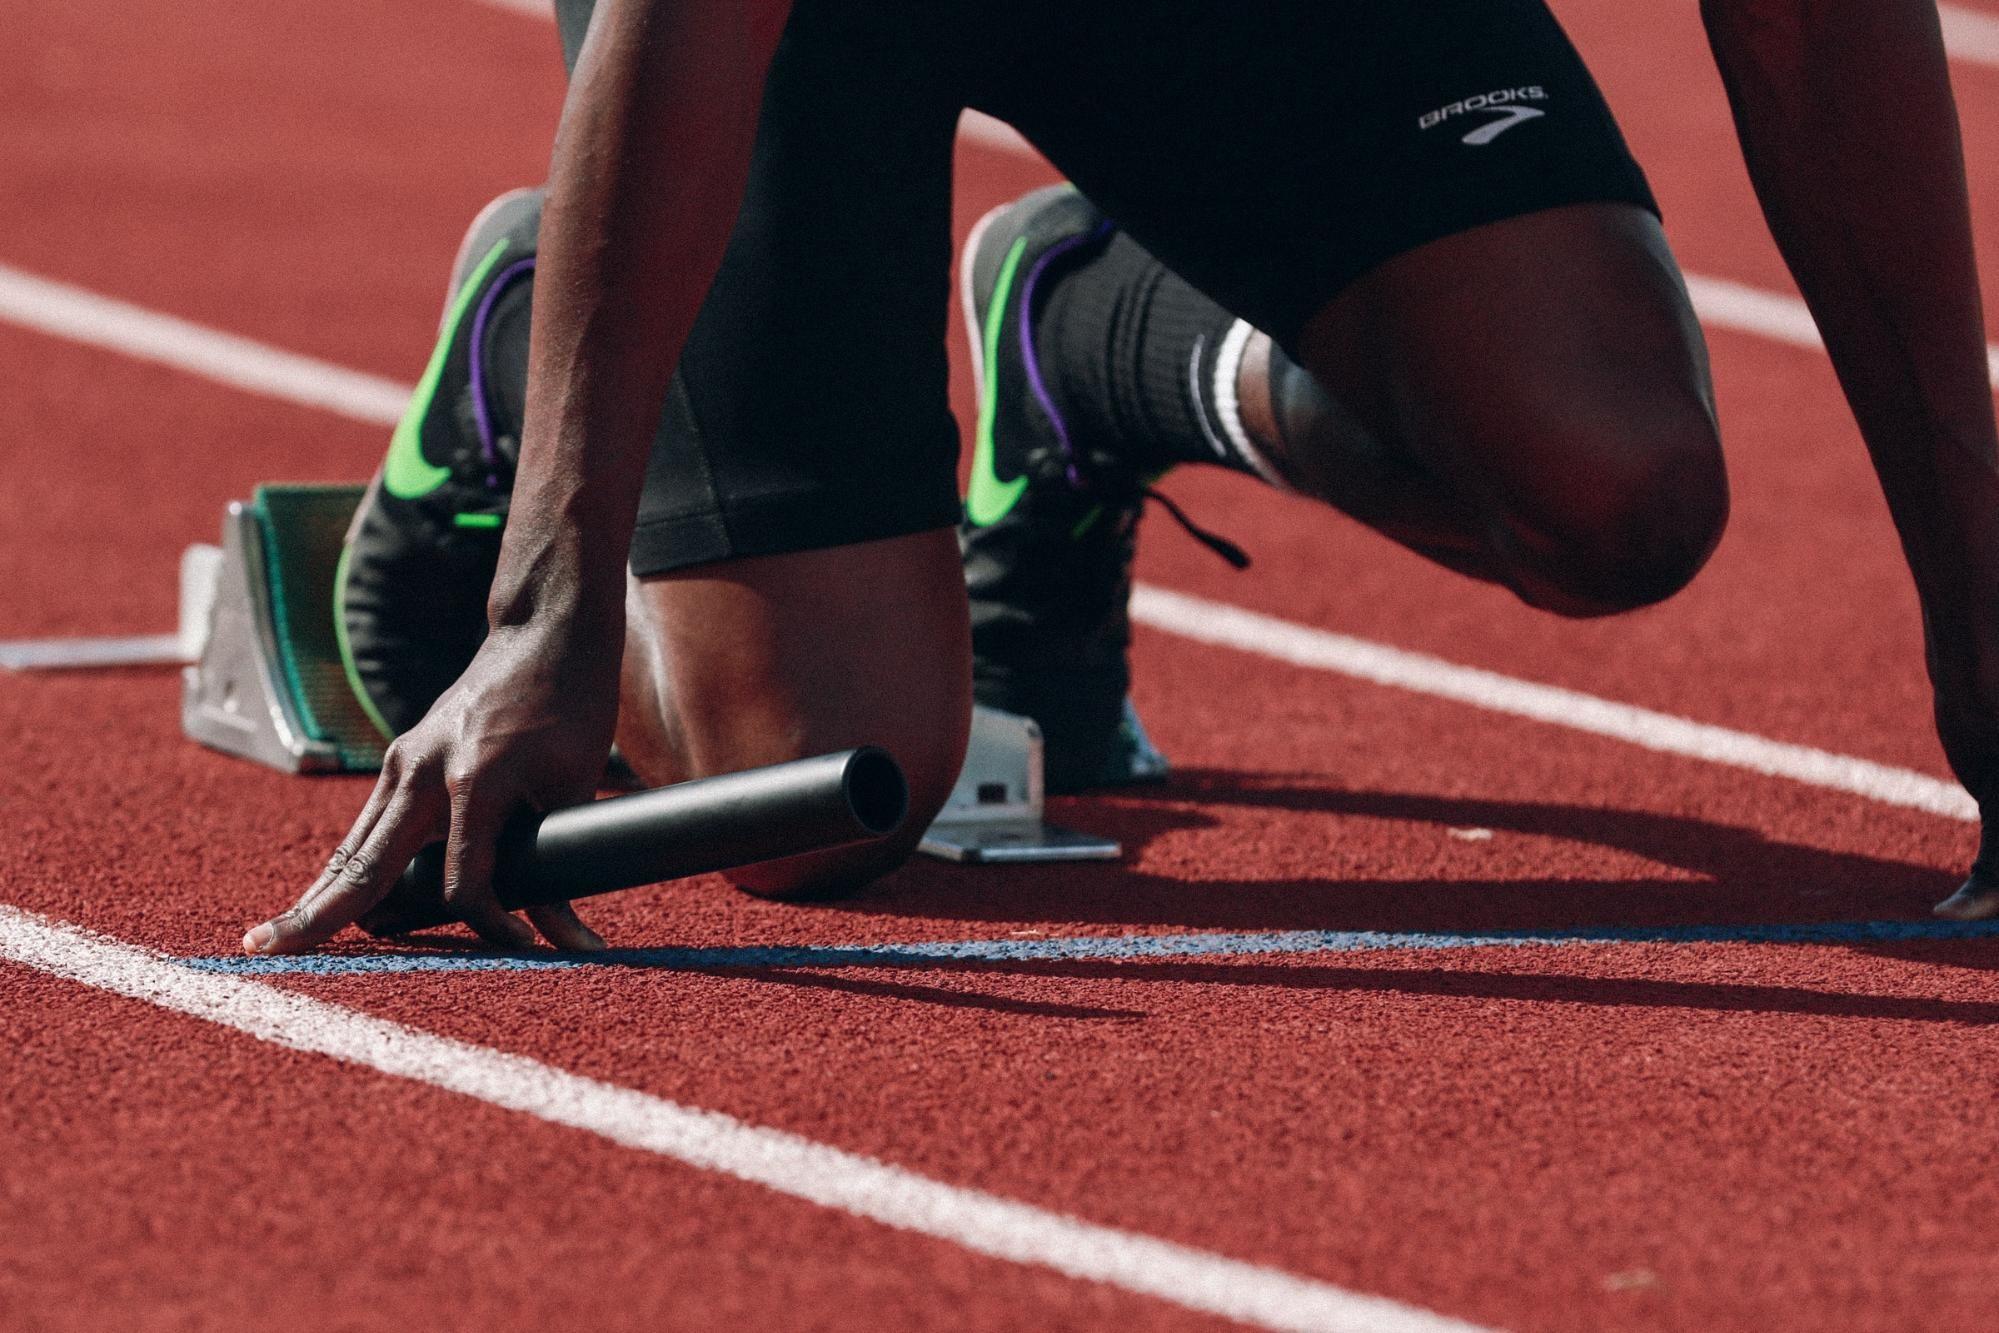 Бег: как начать бегать правильно и эффективно? - изображение 1